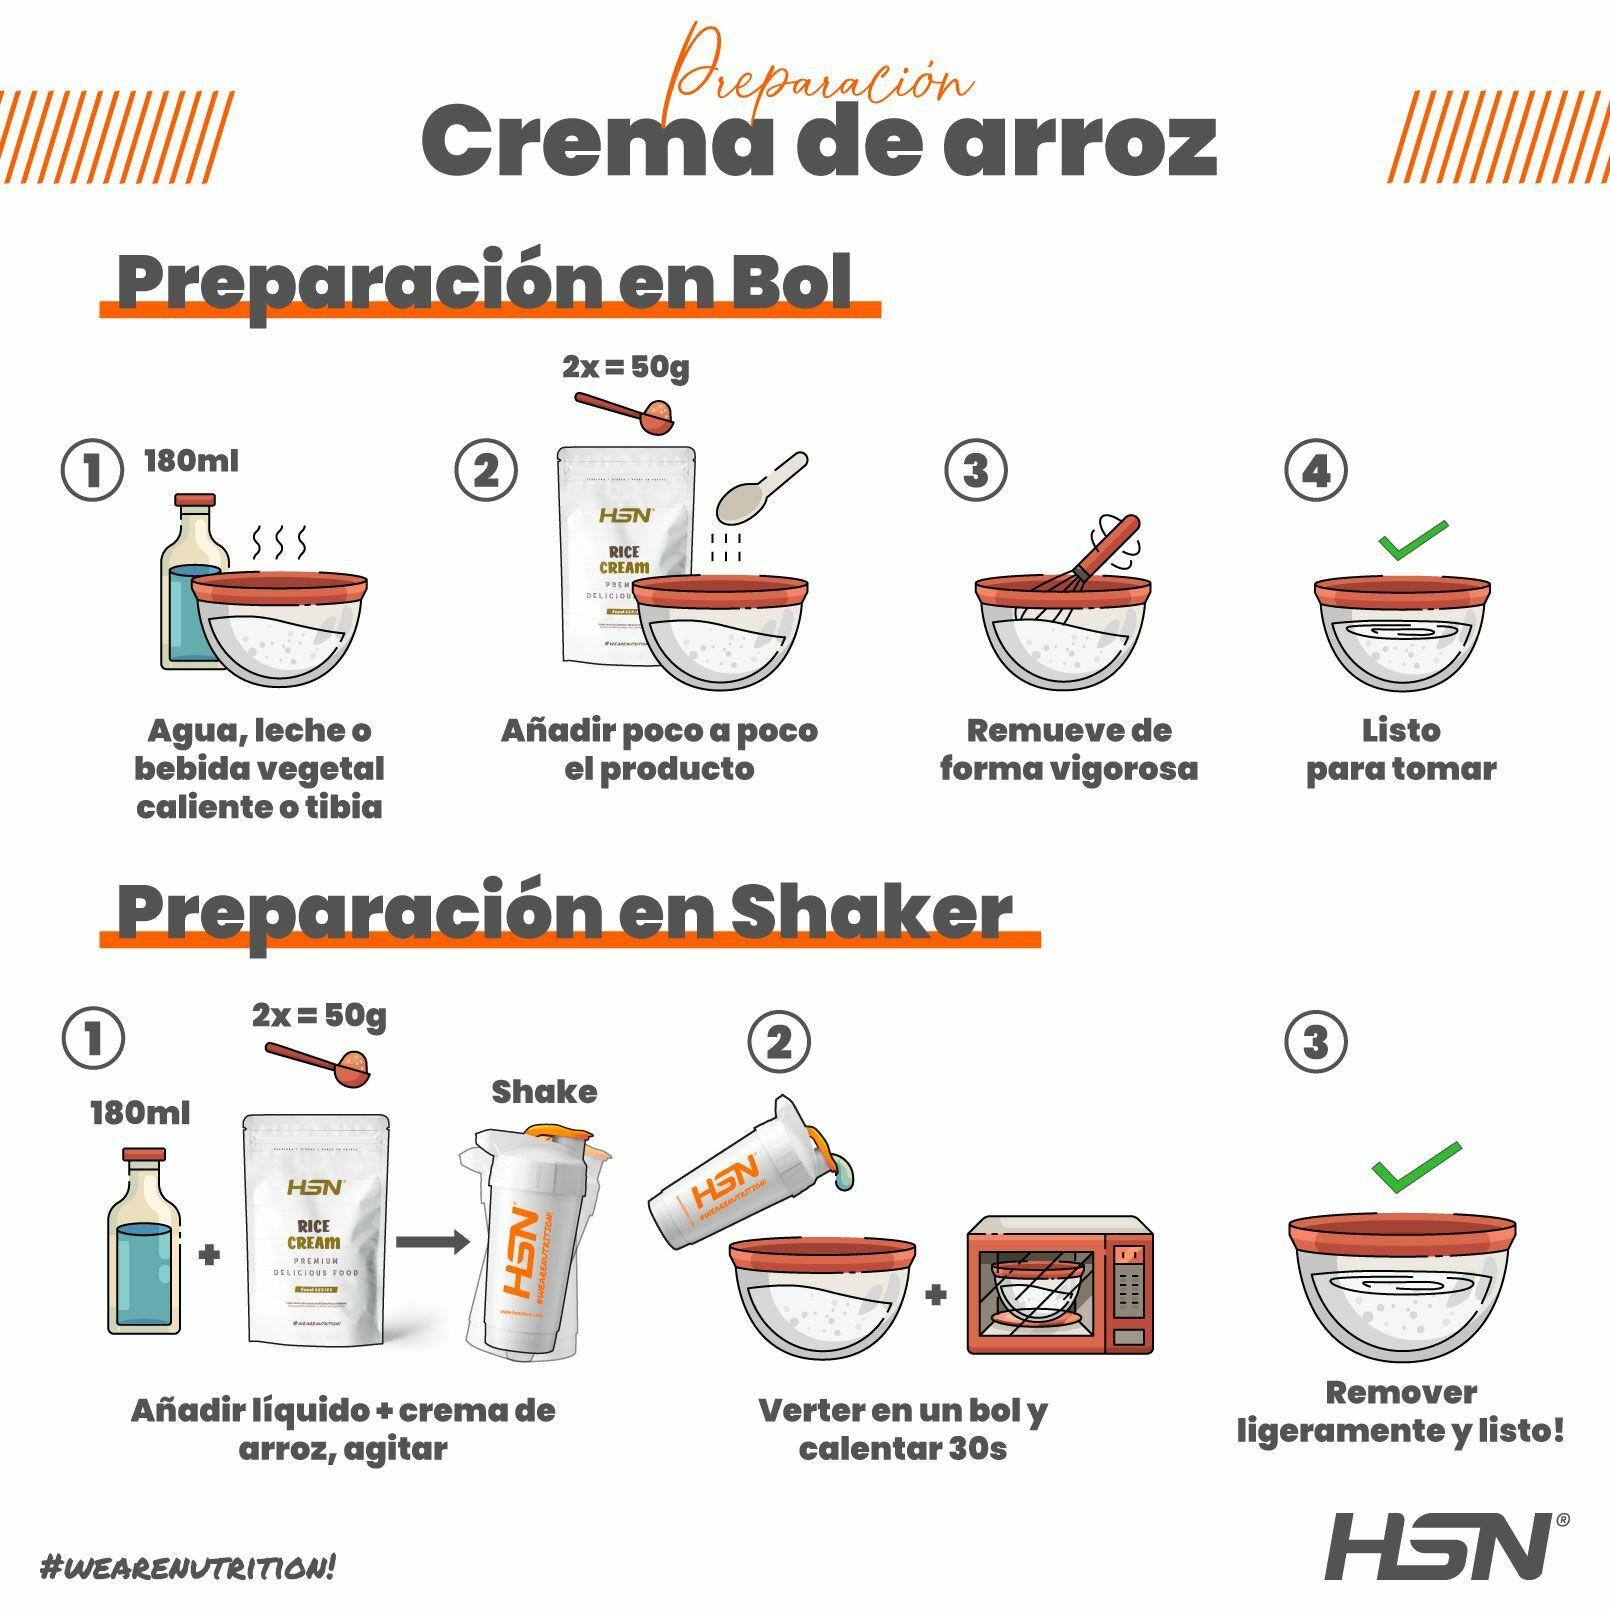 Cómo Tomar la Crema de Arroz